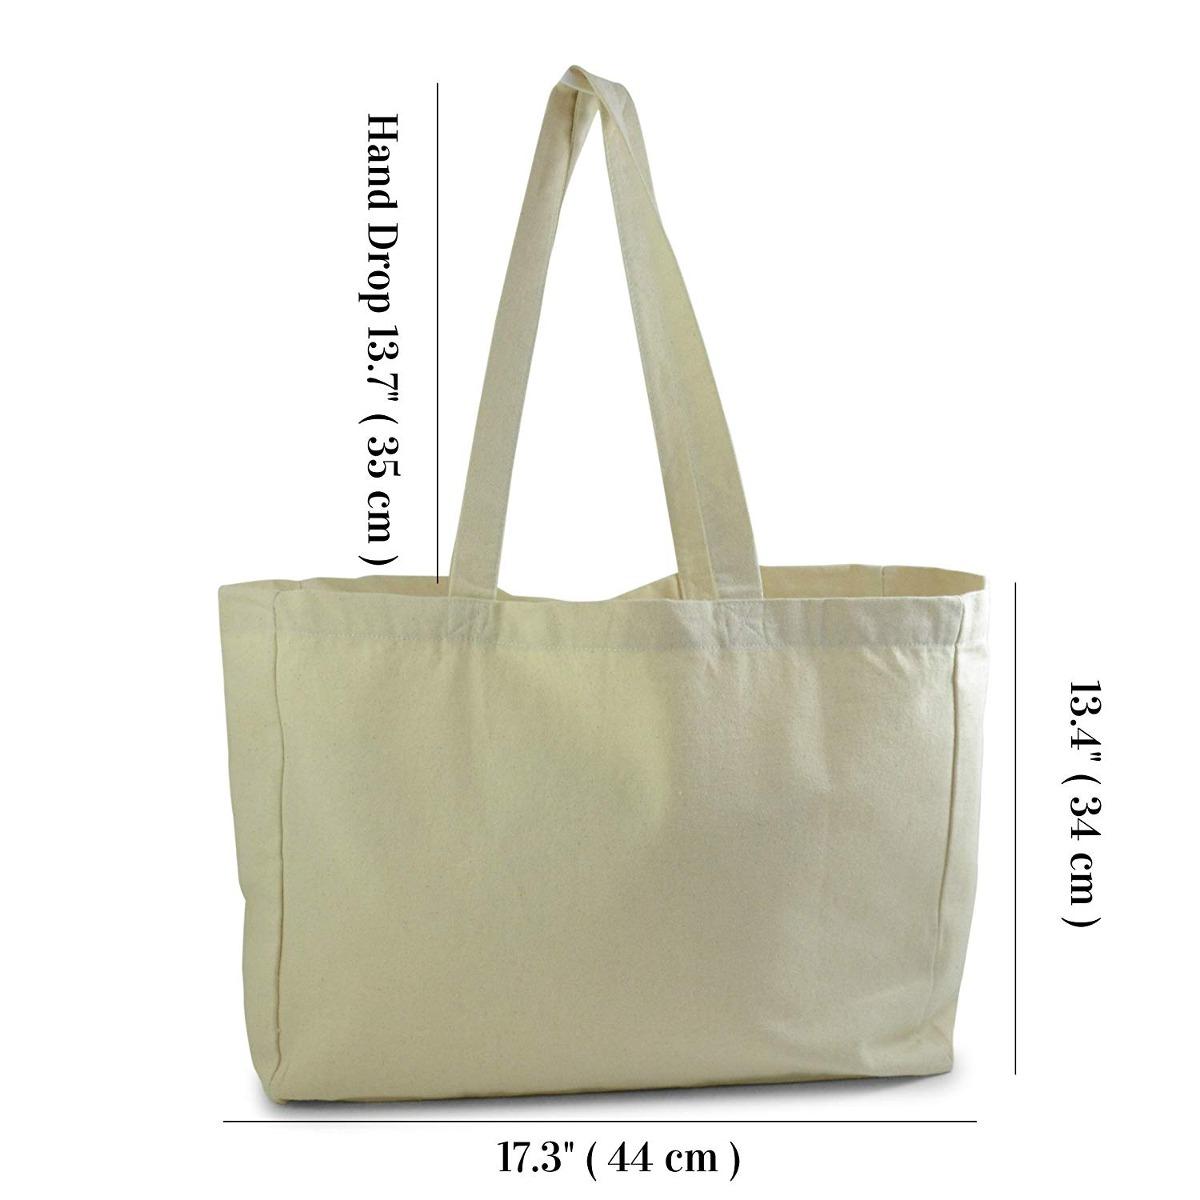 b2f03a098 bolsa de tela de algodón de color natural, ideal para la pl. Cargando zoom.